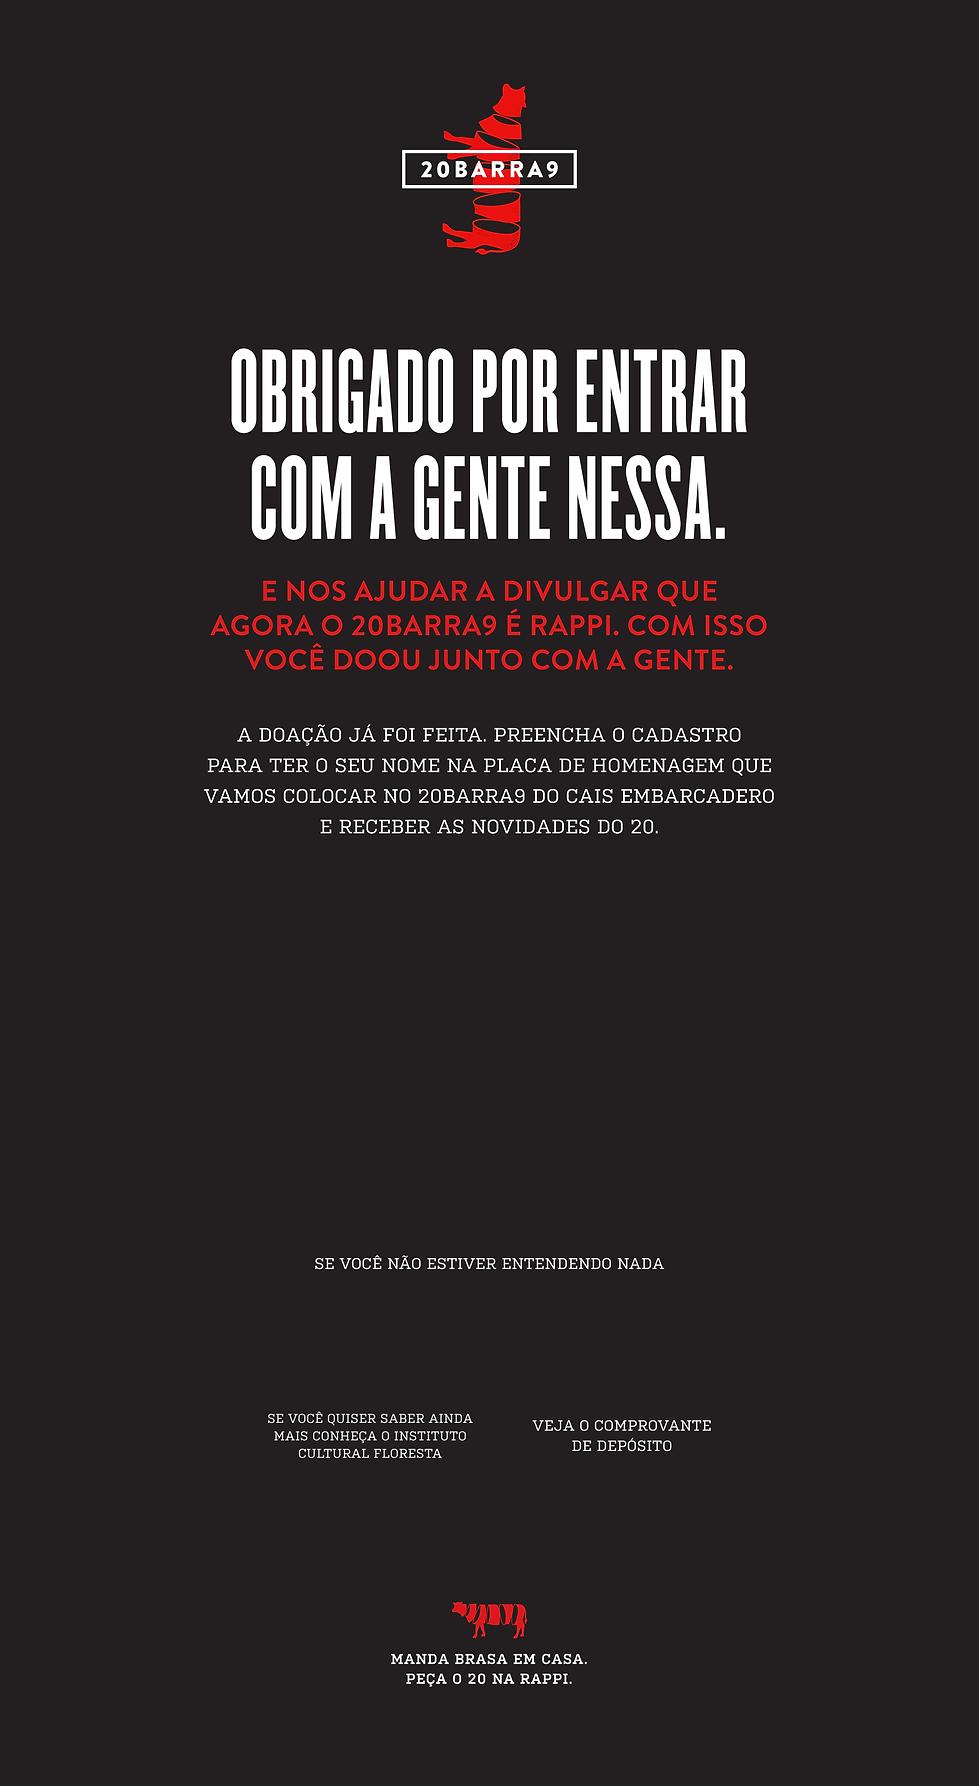 LP_AçãoRappi_20barra9.png